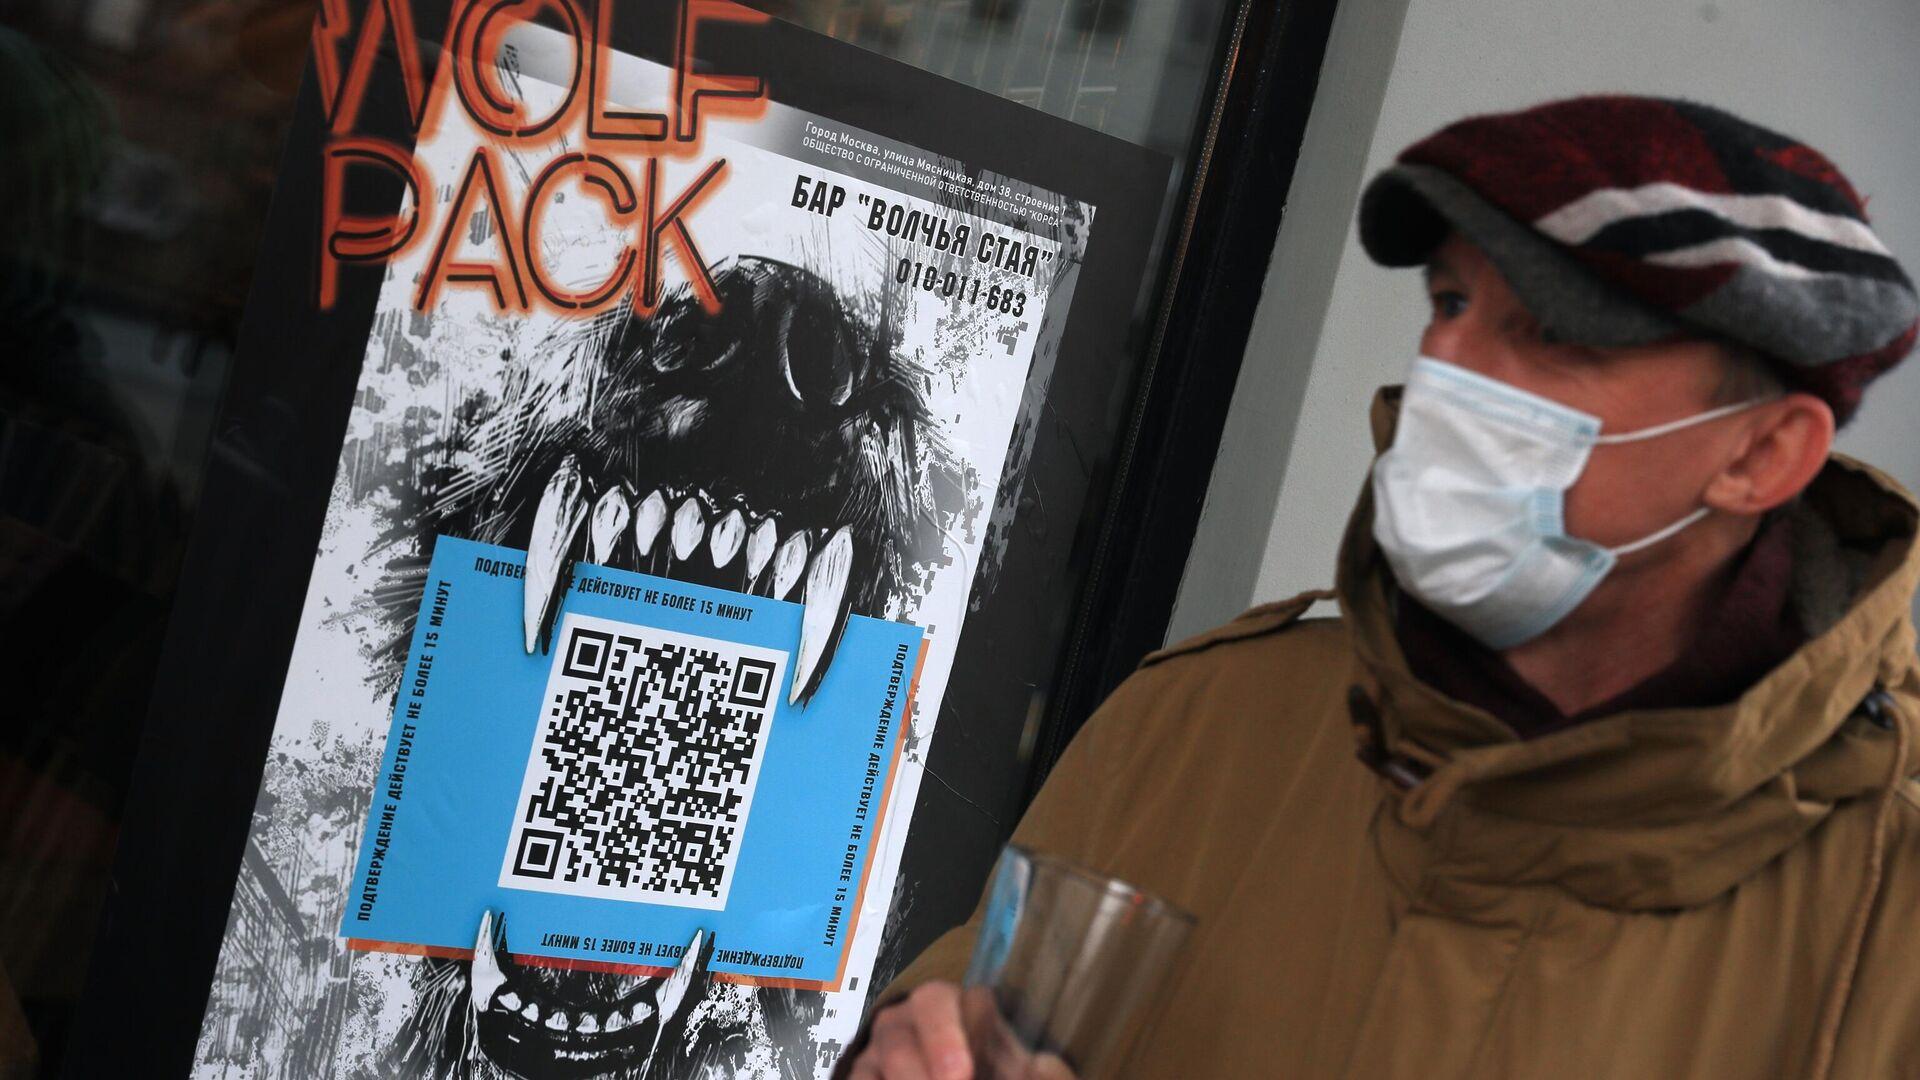 Плакат с QR-кодом при входе в бар Волчья стая в Москве - РИА Новости, 1920, 05.03.2021